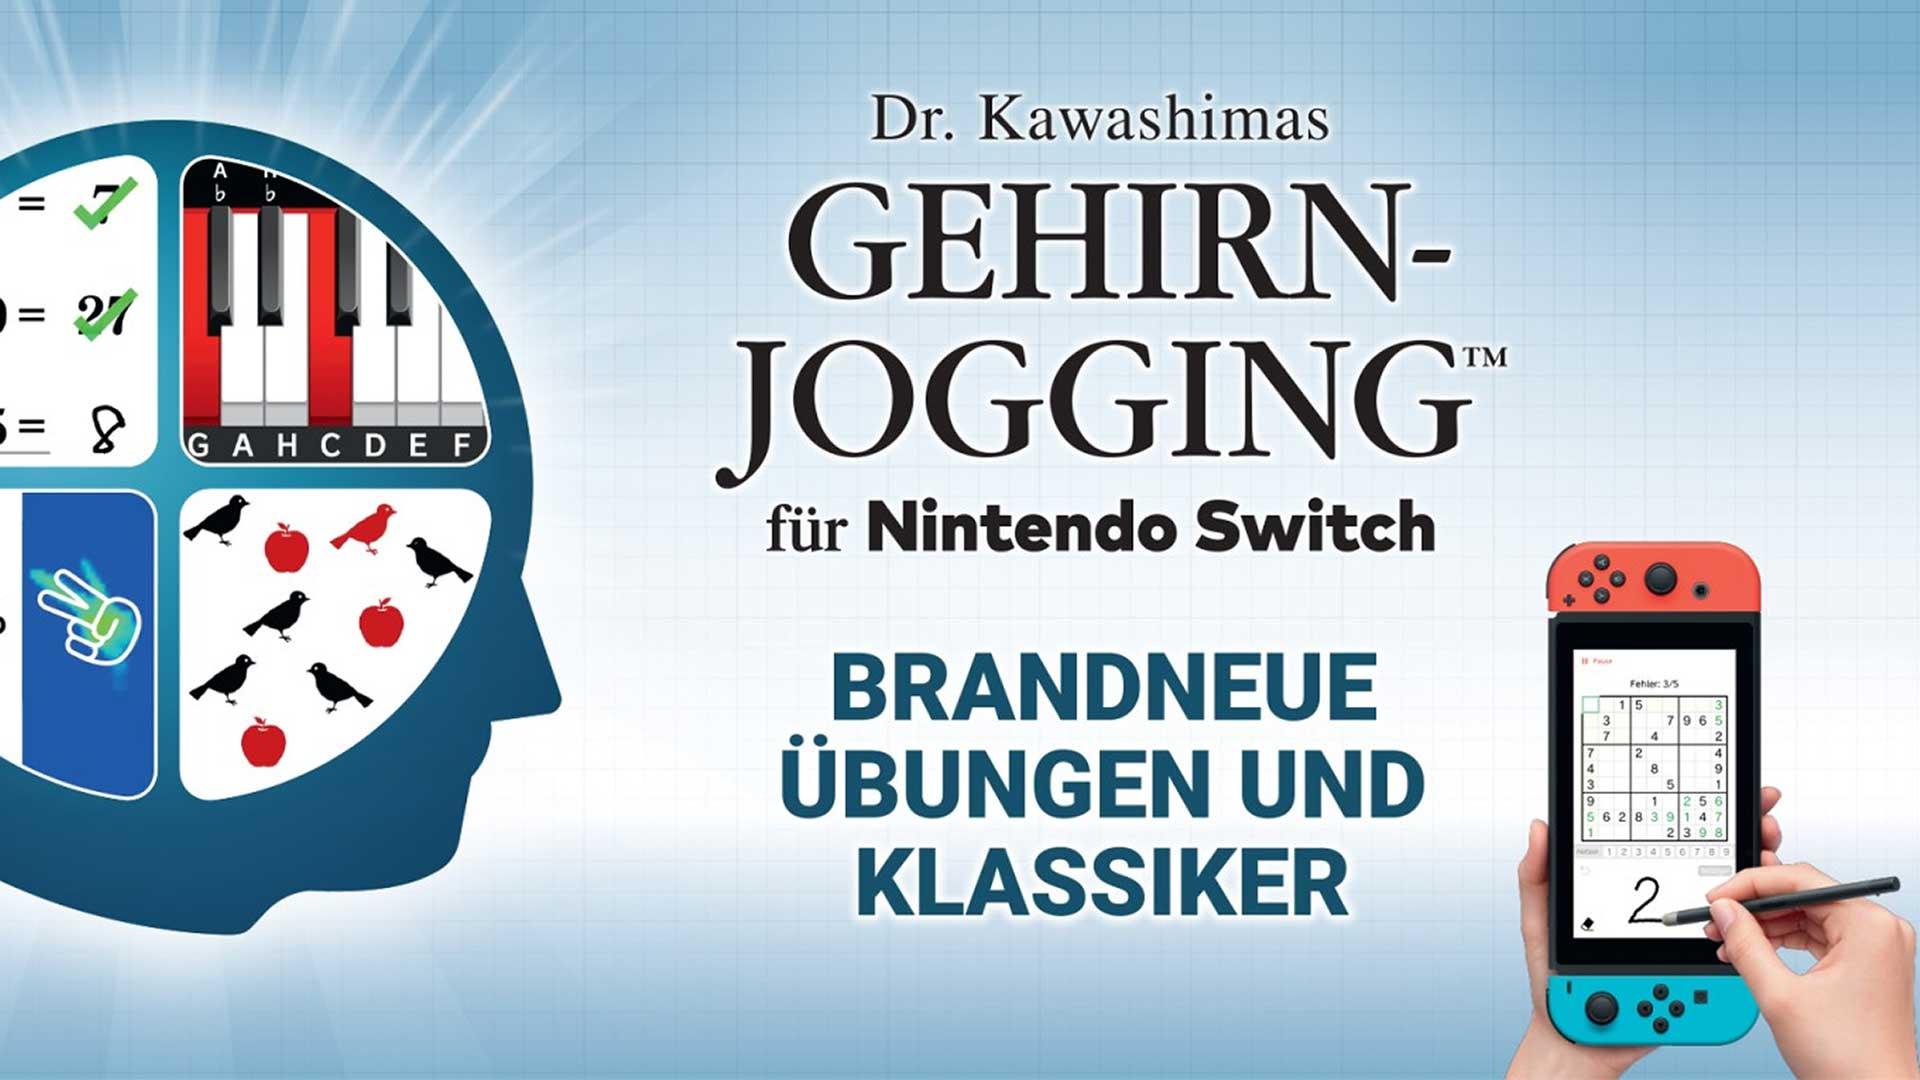 dr kawashimas gehirn jogging